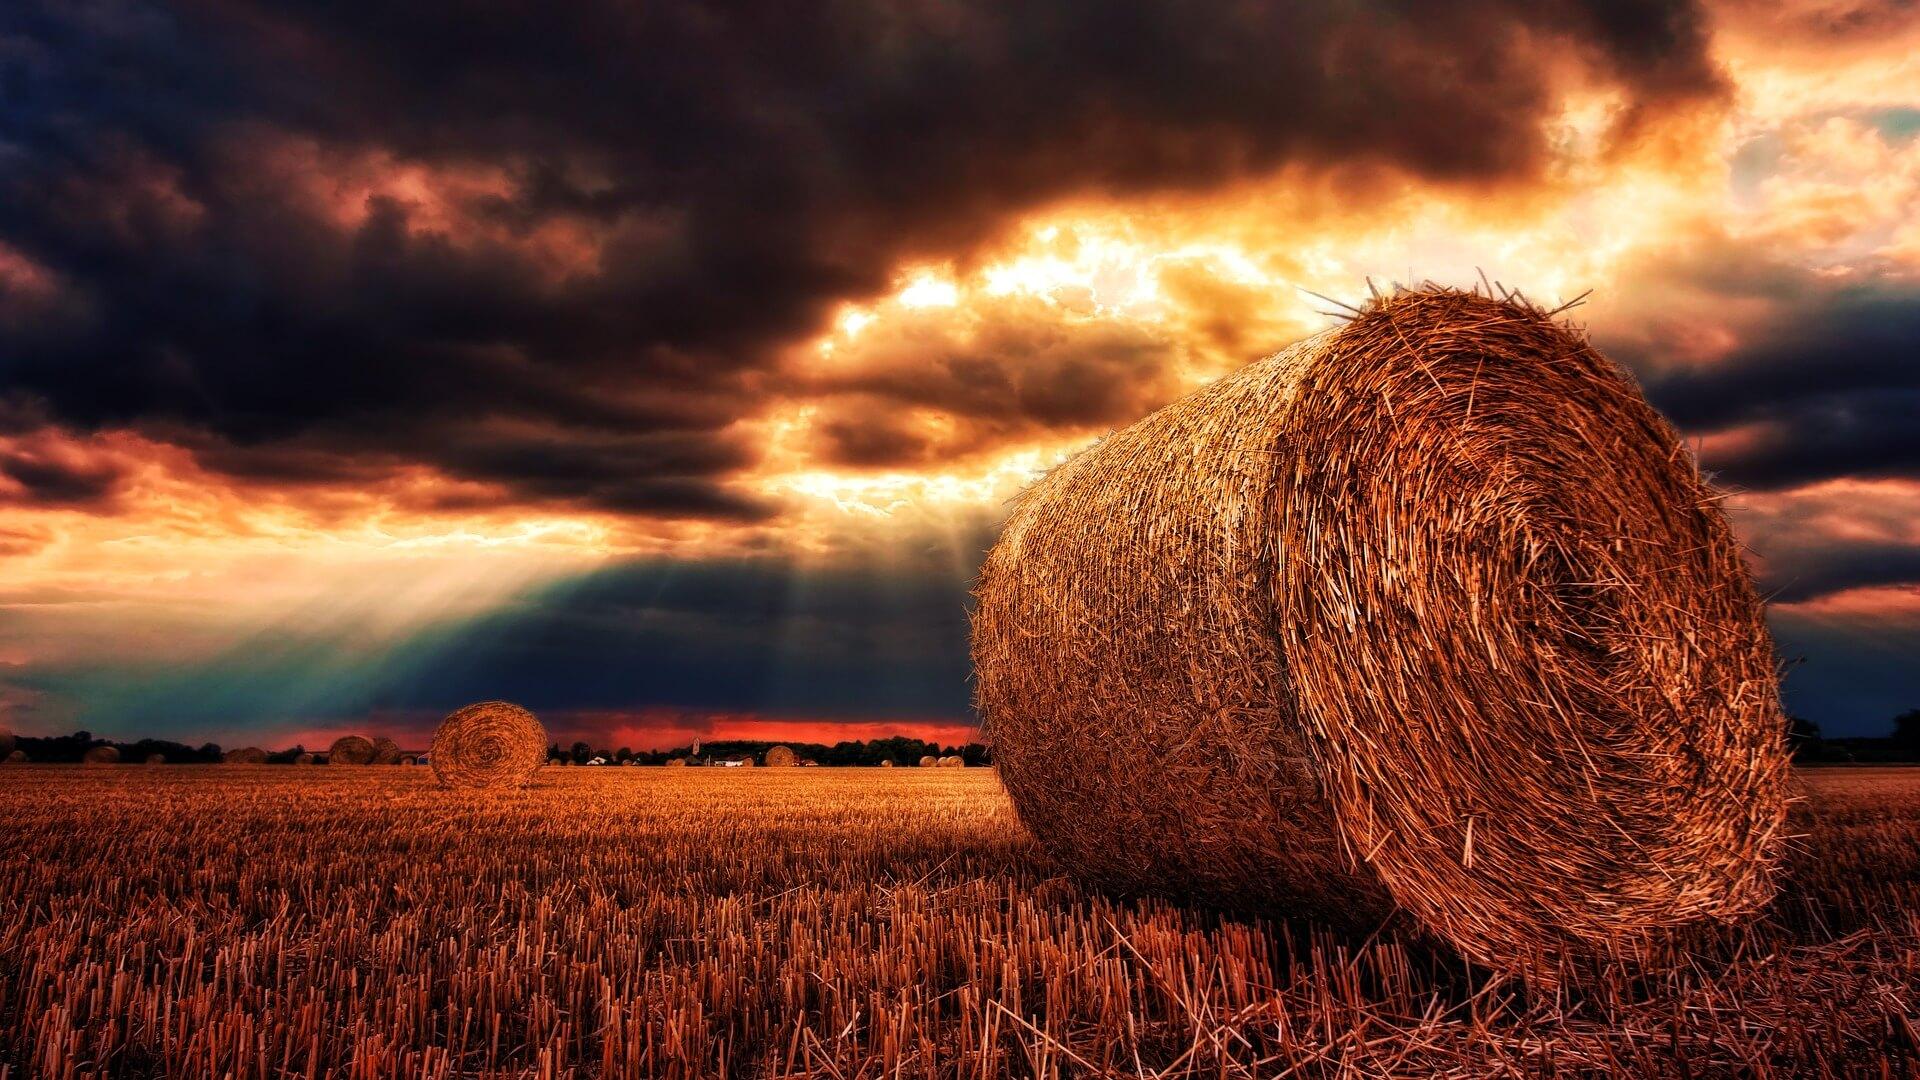 Strohballen, überstrahlt von Sonne: Symbolbild für den Tag der grundlosen Nettigkeiten